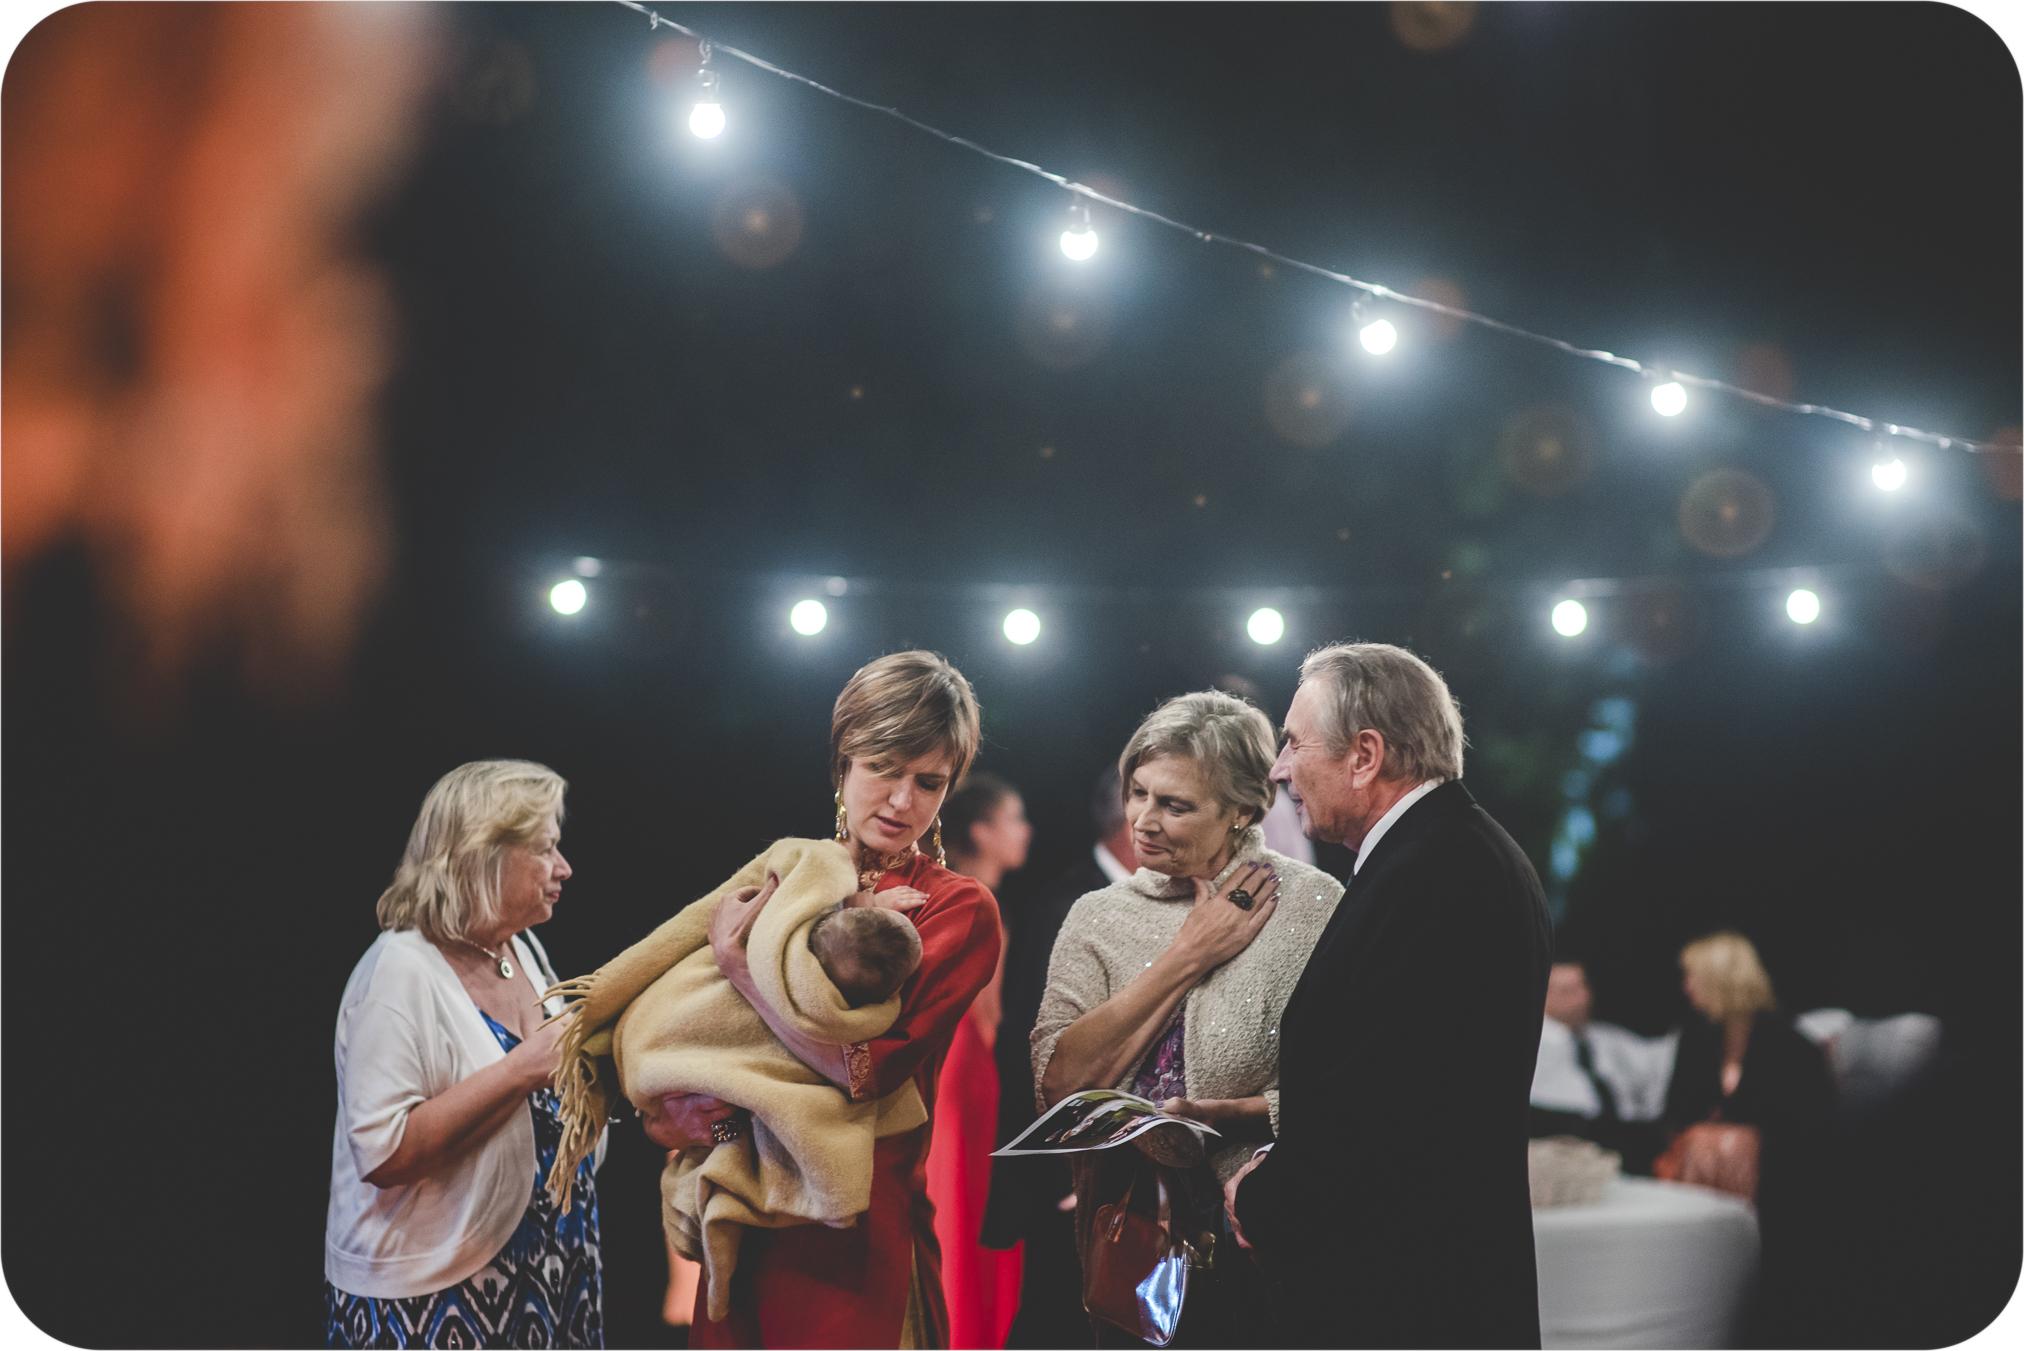 El mejor fotógrafo de bodas WPJAR 2015